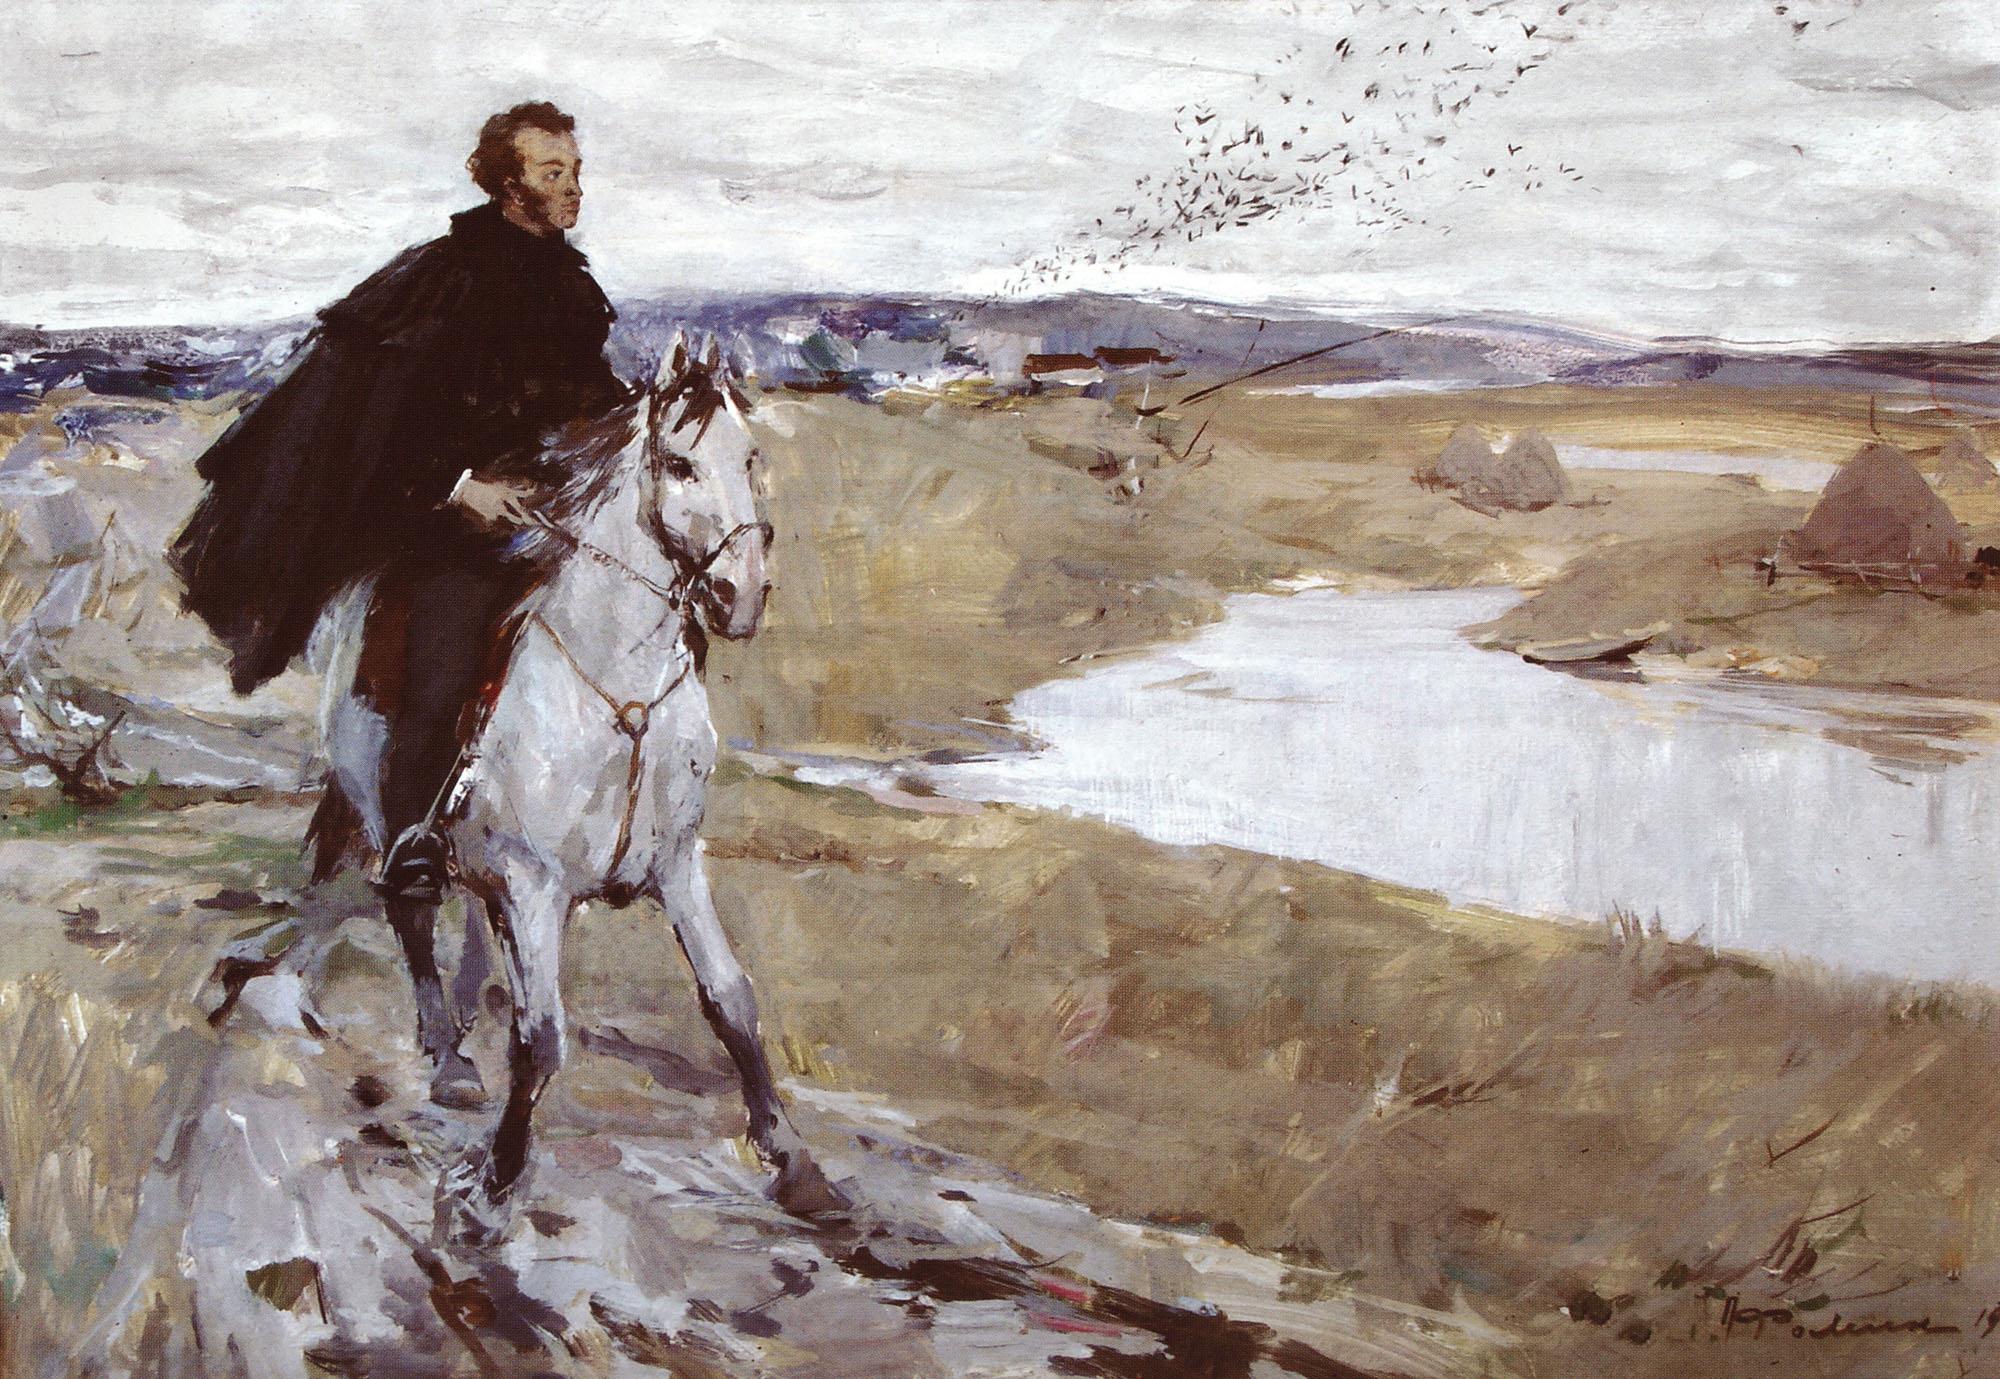 1201 - Ай да сукин сын! Зачем Пушкин инсценировал свою смерть и стал Александром Дюма